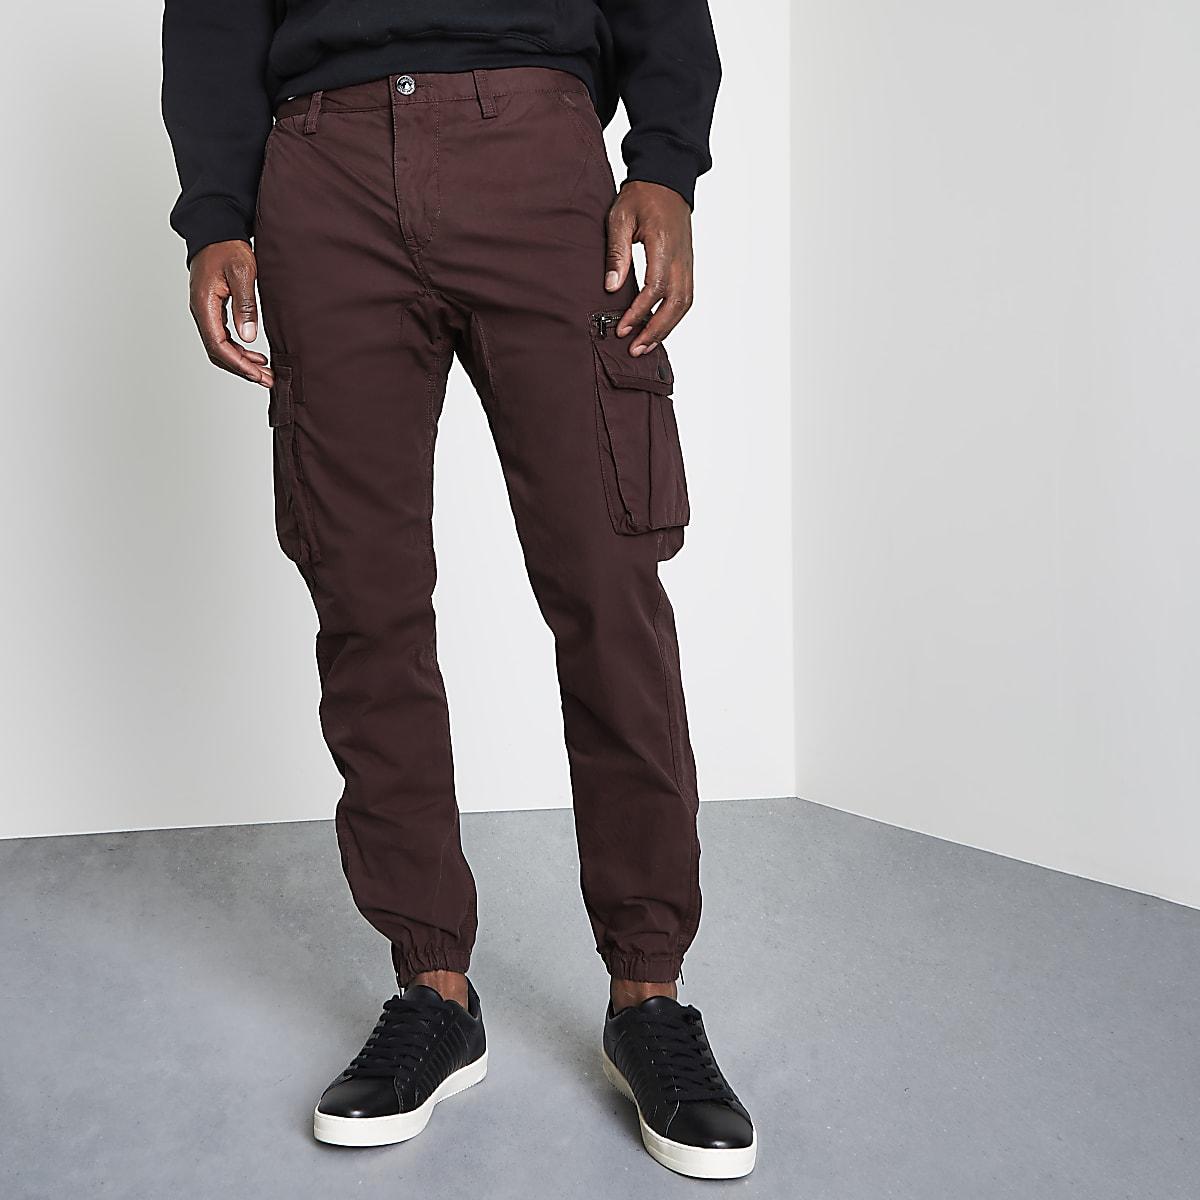 Pantalon de jogging cargo bordeaux